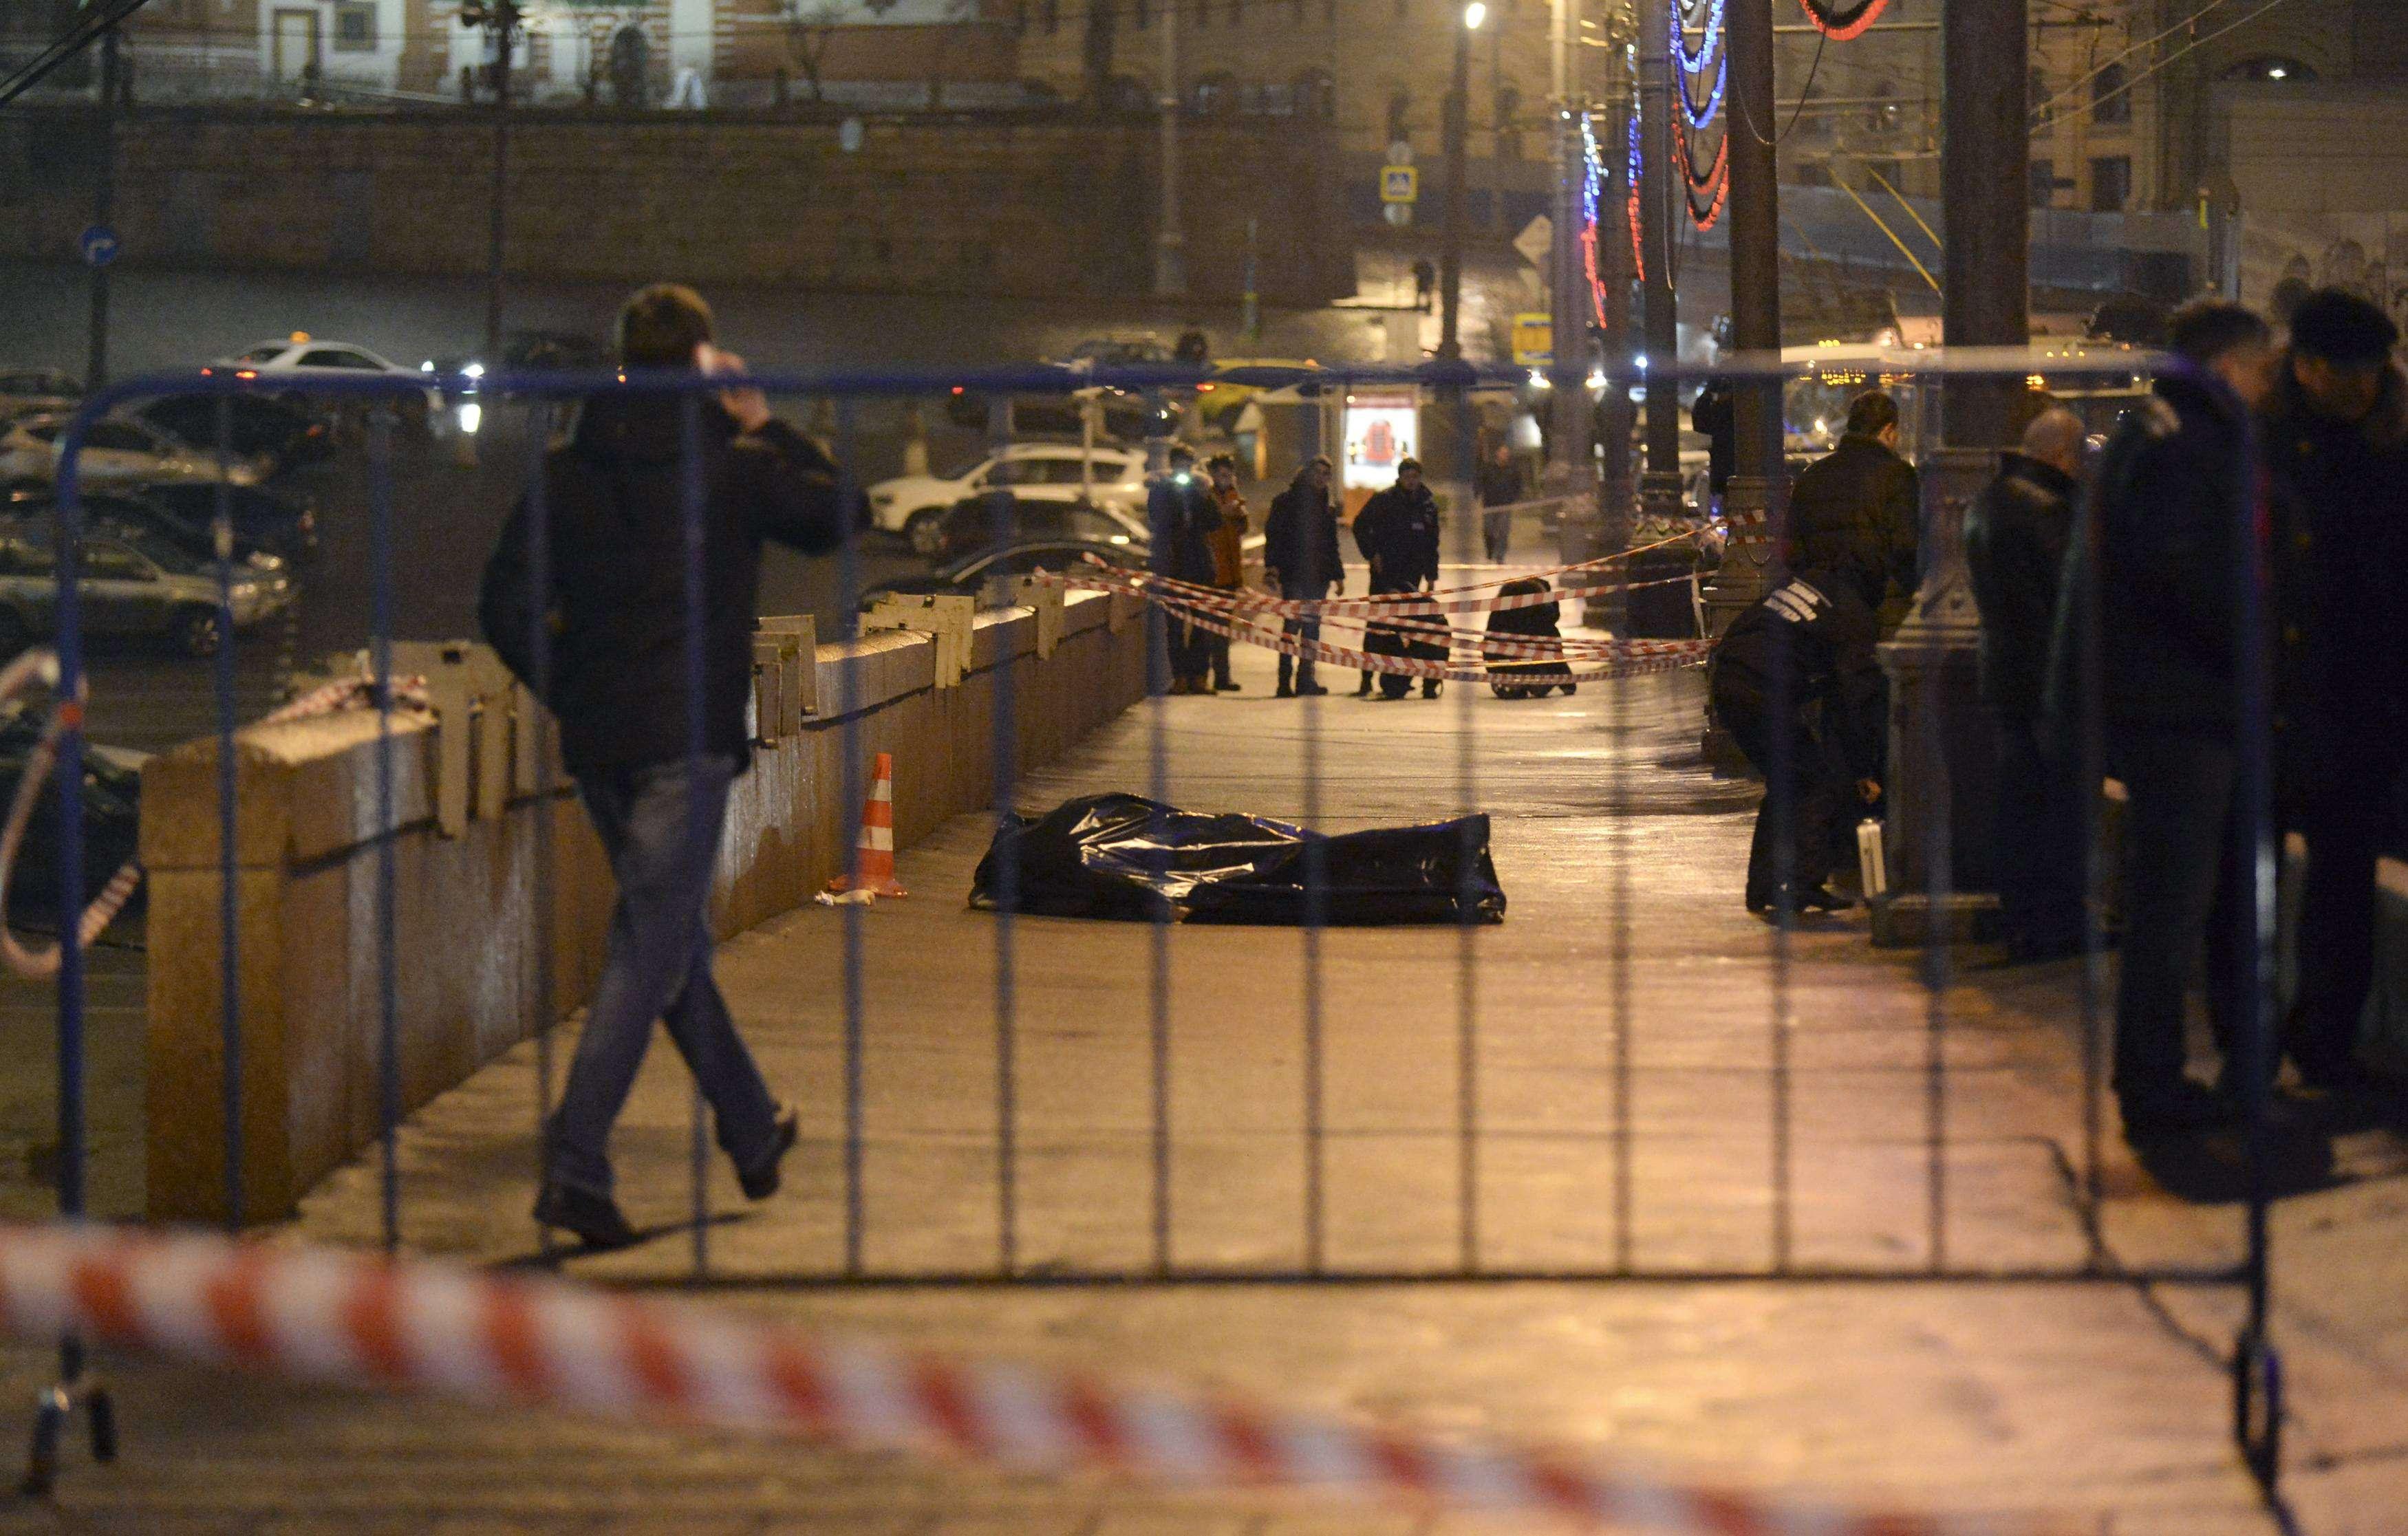 Investigadores junto al cuerpo cubierto del Boris Nemtsov en Moscú, el 26 de febrero de 2014. Crítico opositor del presidente Putin y su política con respecto a Ucrania, fue asesinado a tiros a dos pasos del Kremlin en el centro de la capital rusa este viernes. Foto: Reuters en español